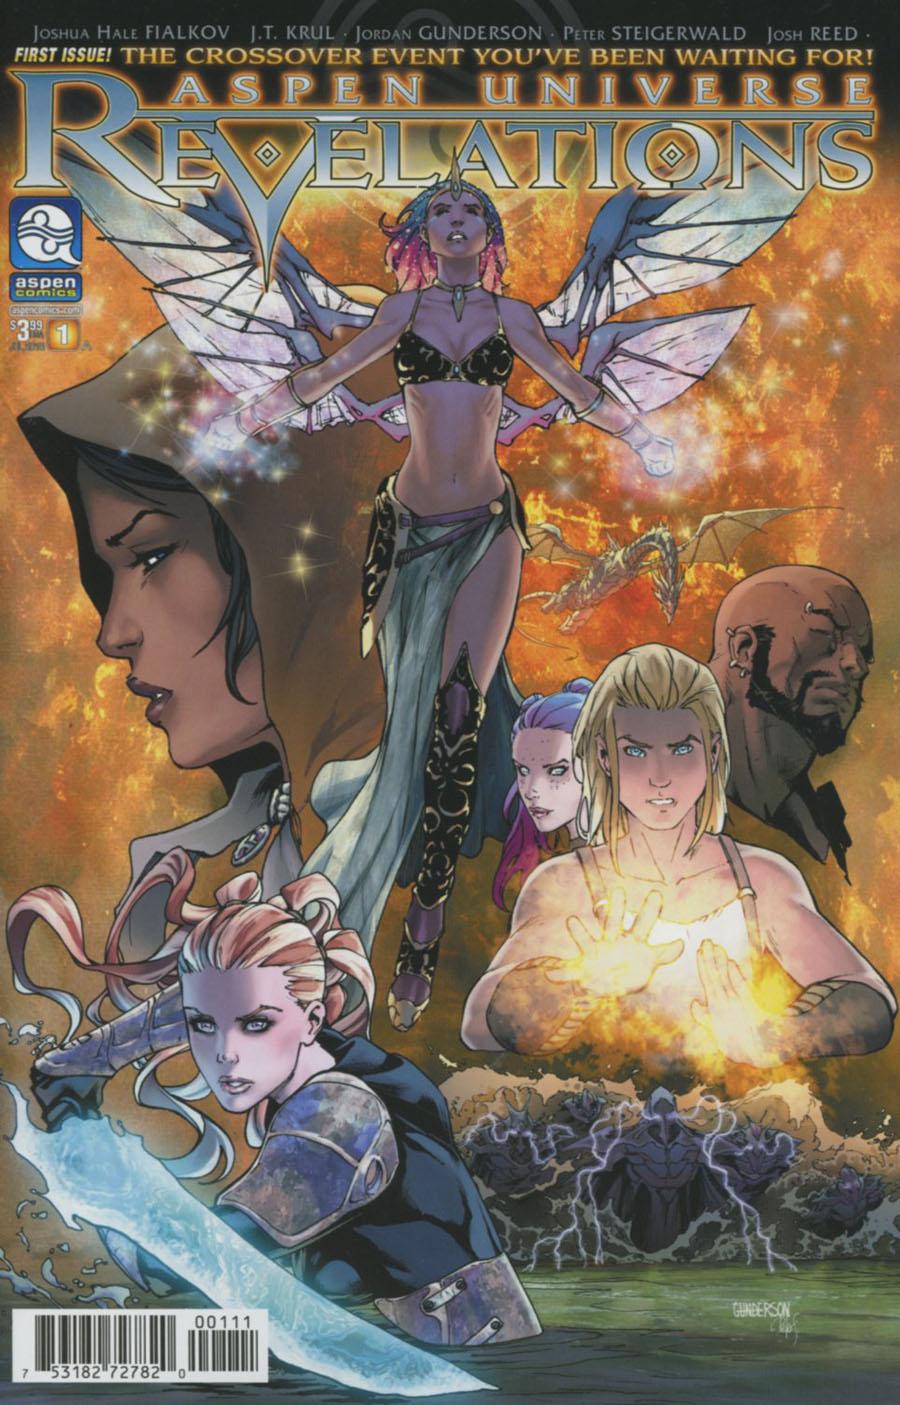 Aspen Universe Revelations #1 Cover A Regular Jordan Gunderson Cover